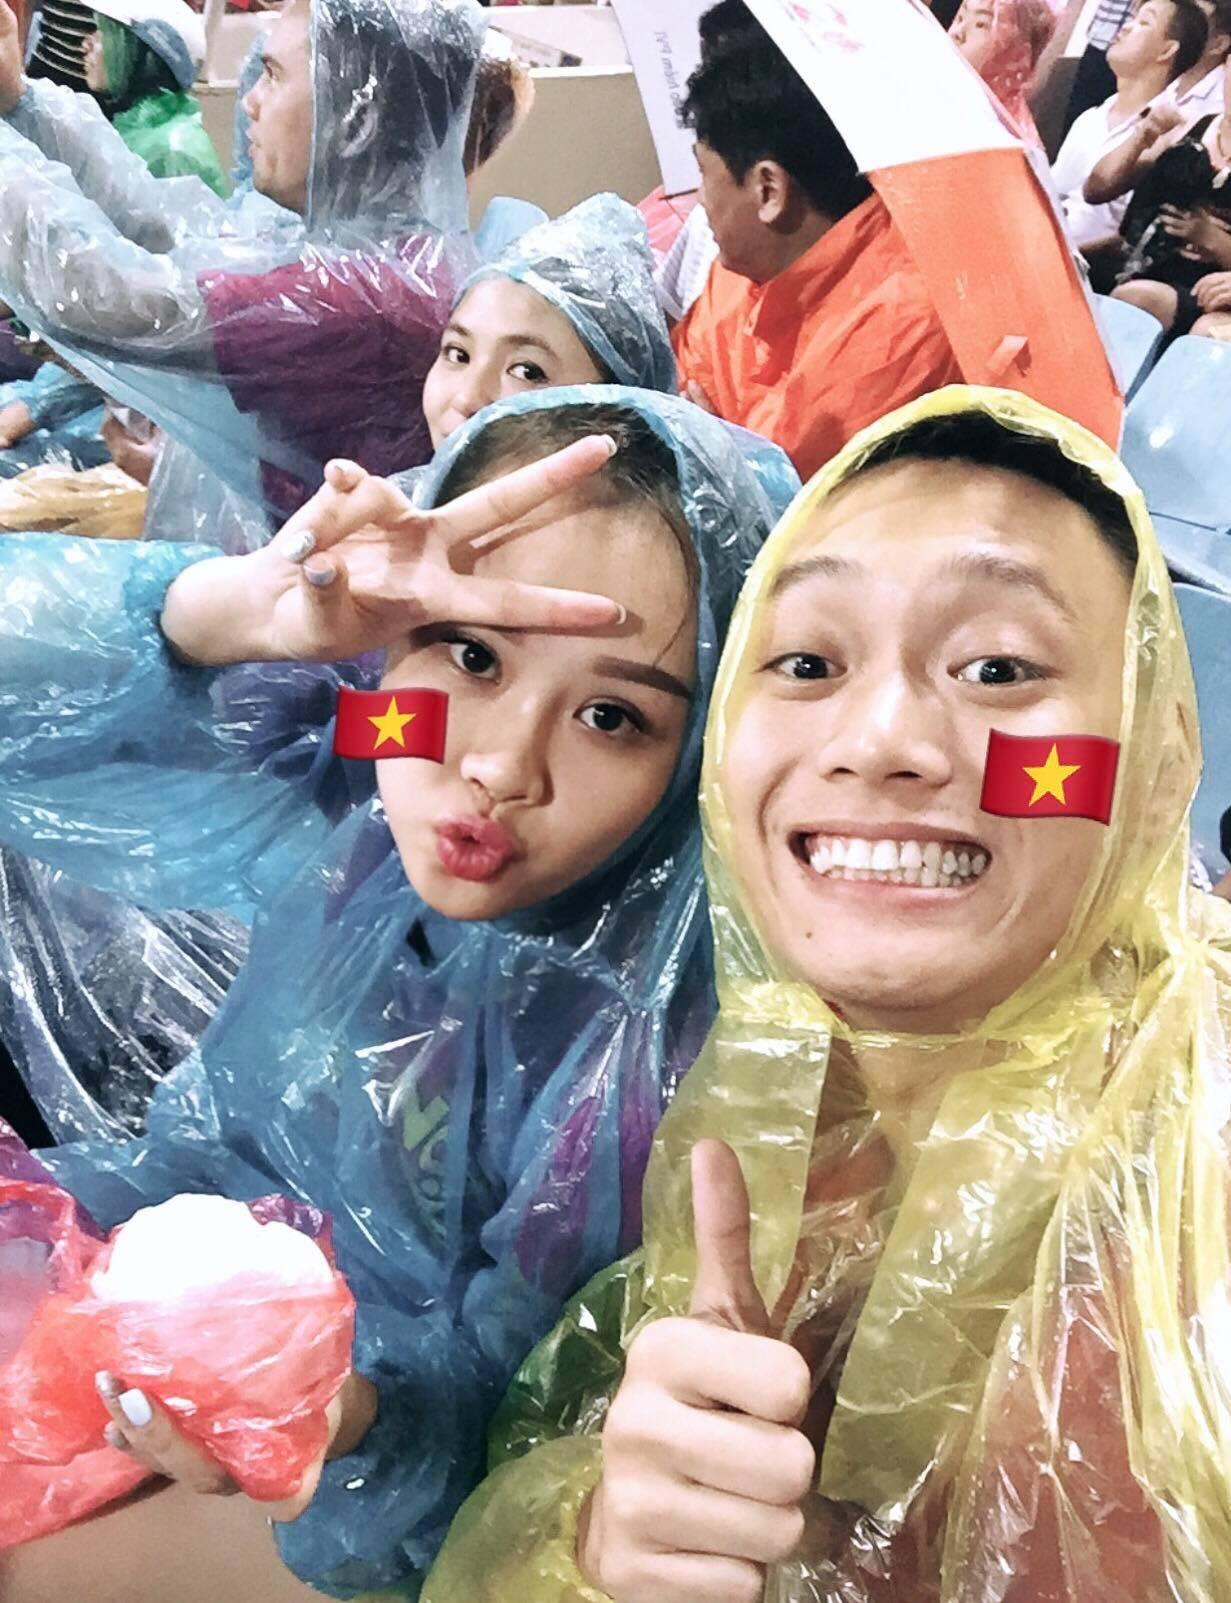 Loạt ảnh siêu lầy lội của vợ chồng Nhật Anh Trắng: Yêu thánh chế nên thế là quá bình thường! - Ảnh 21.